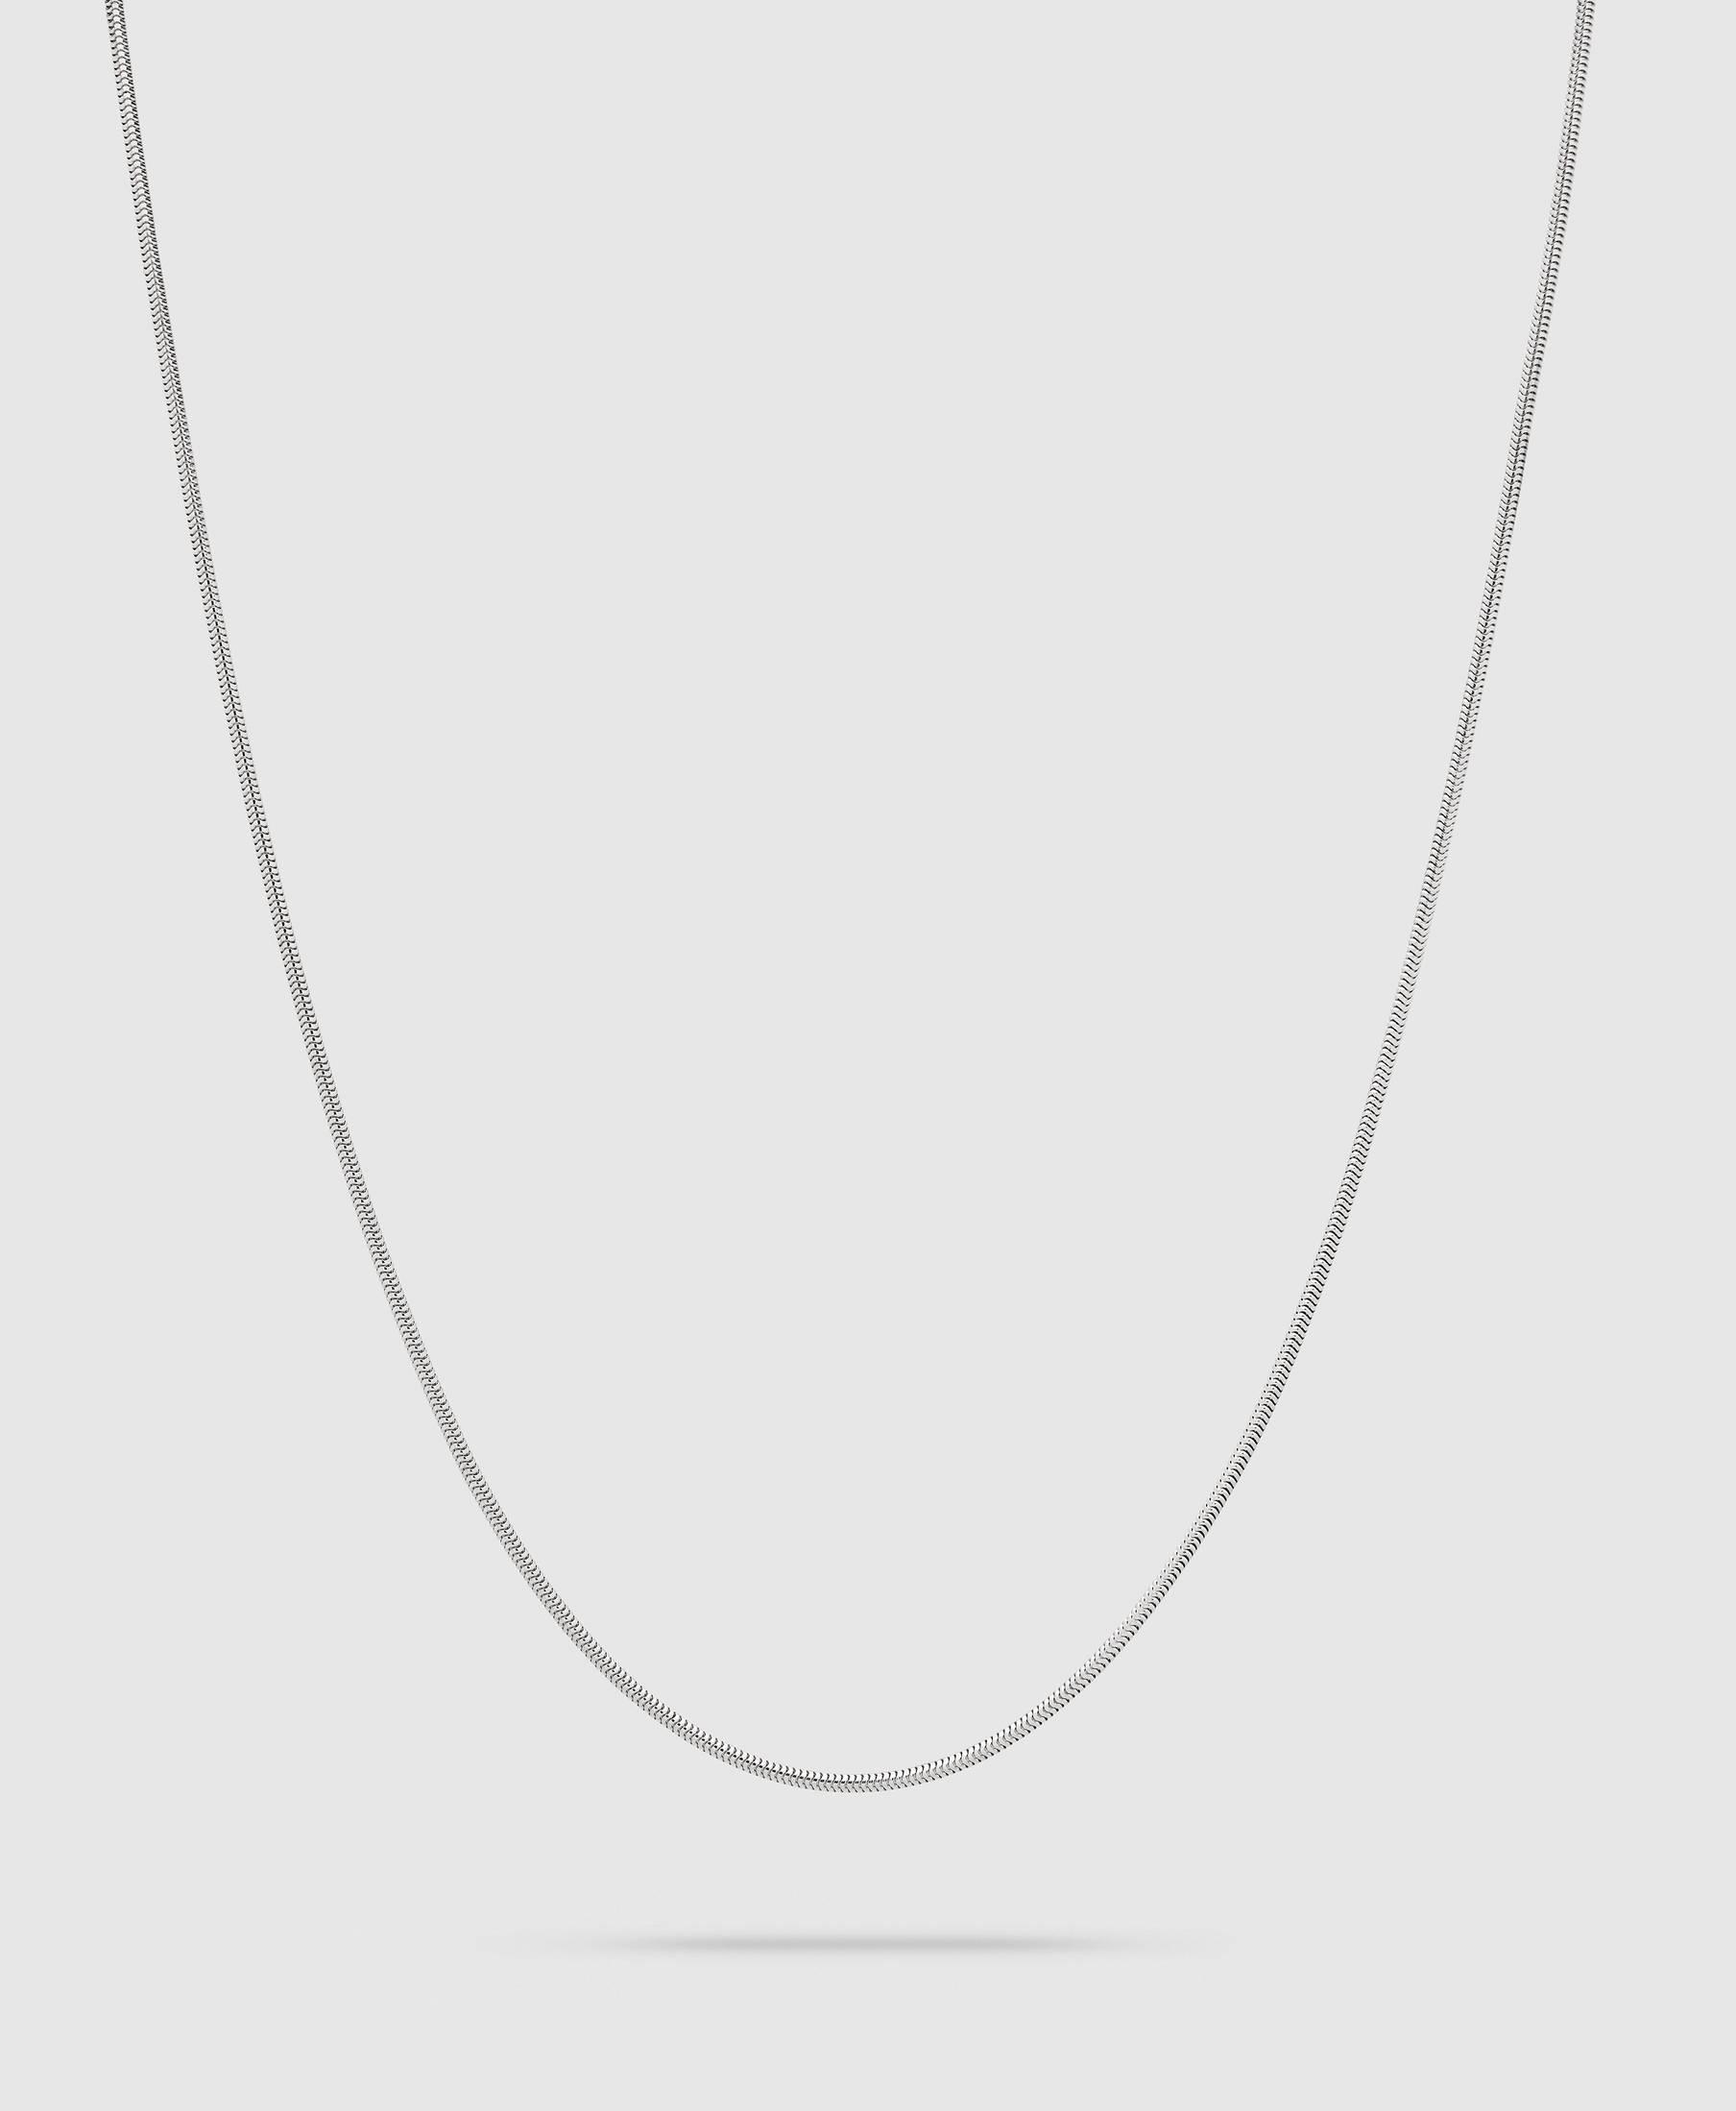 Boa Chain